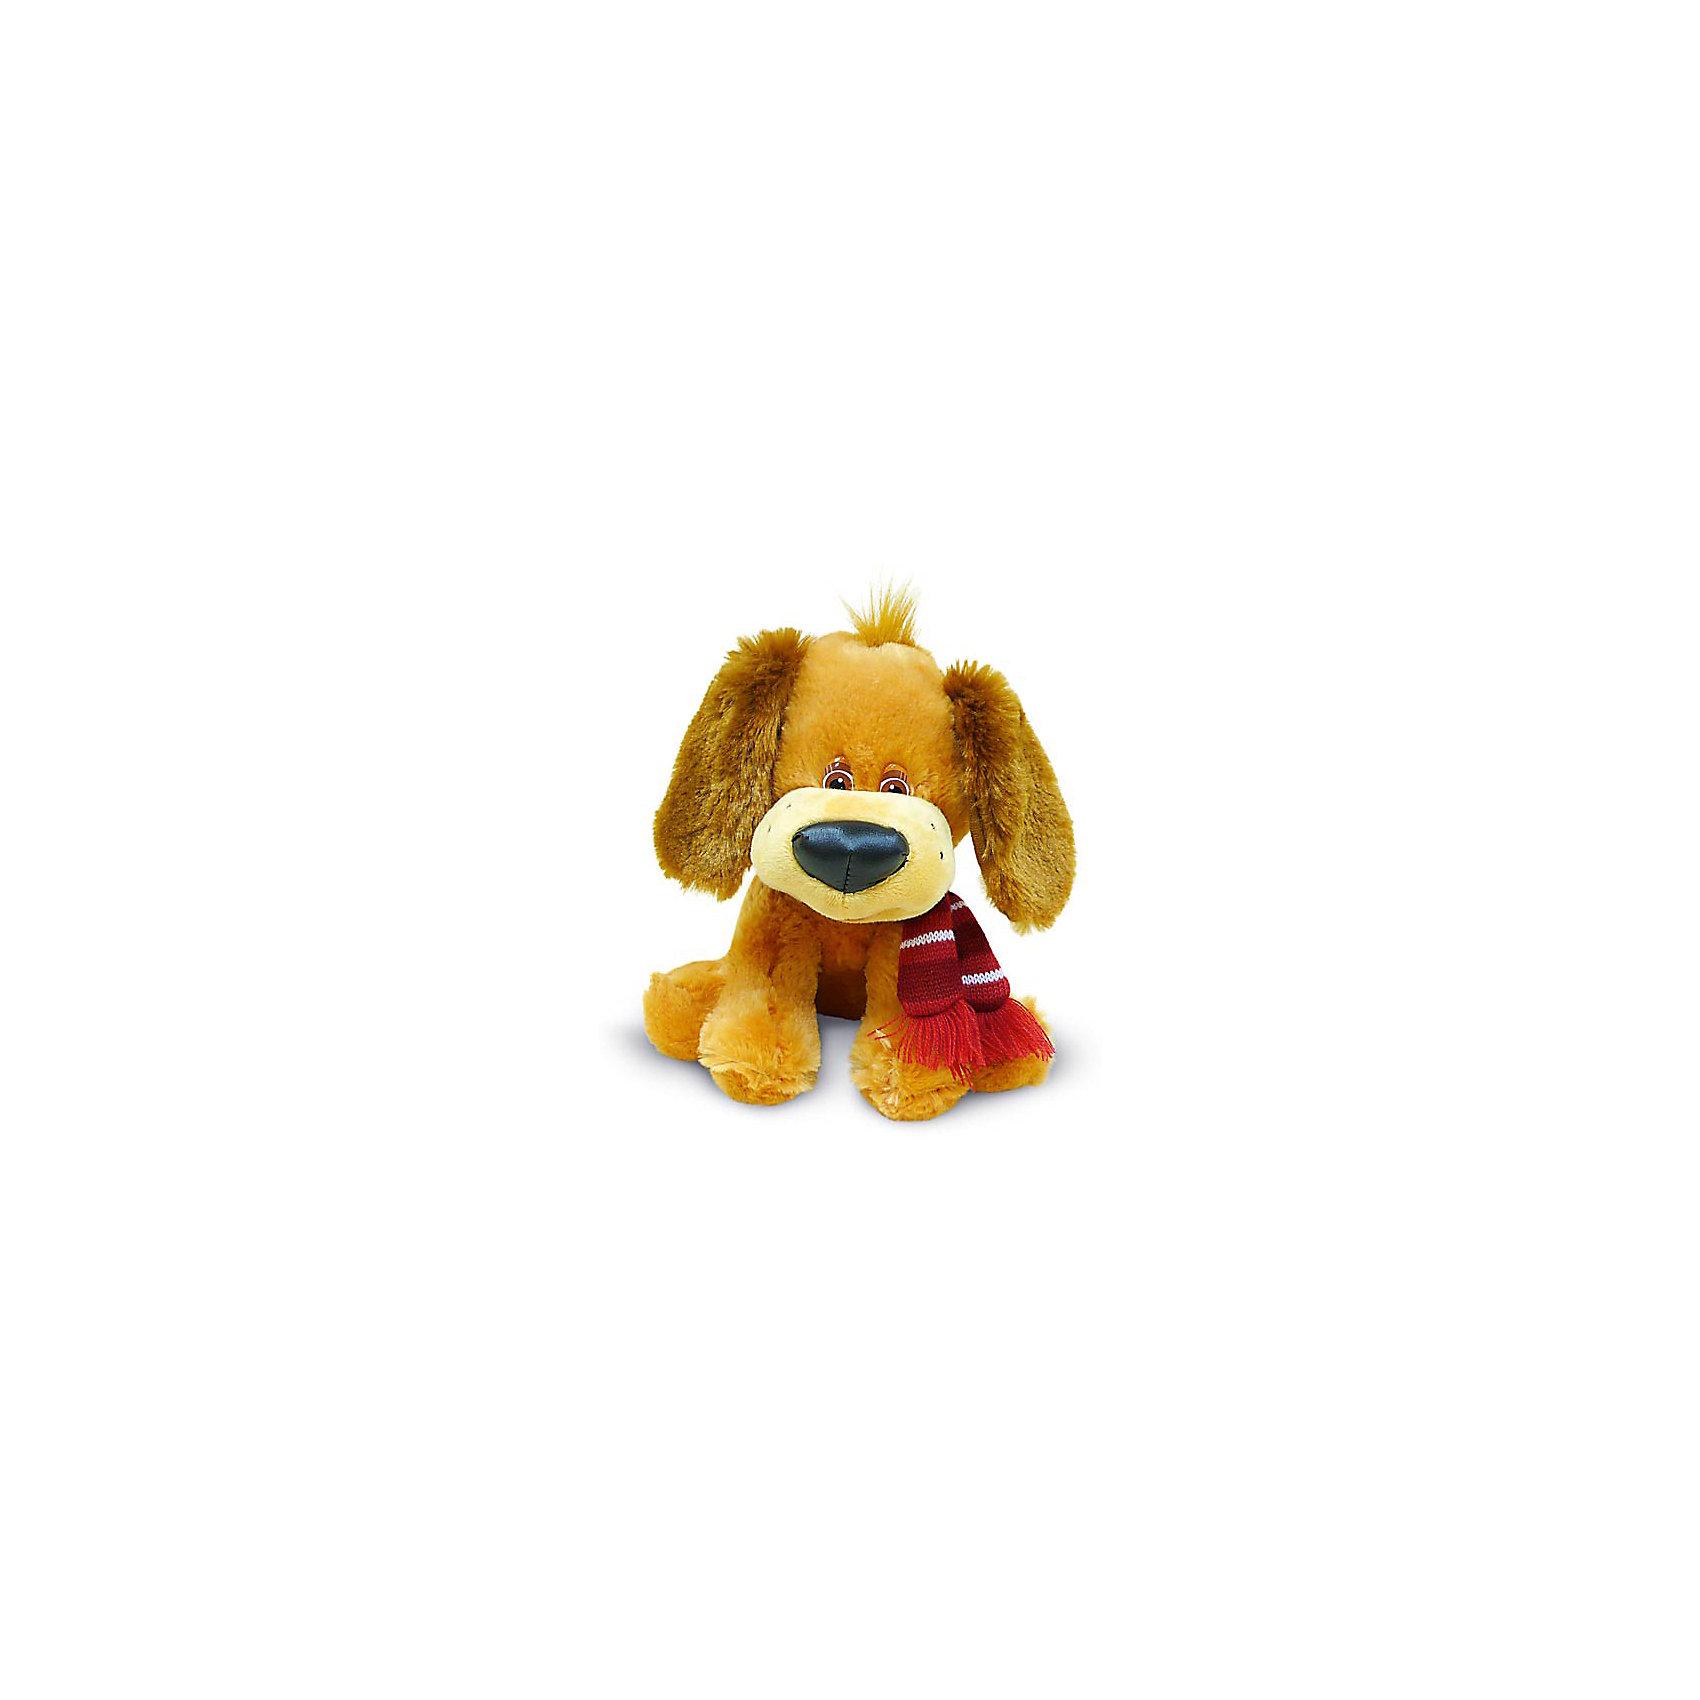 Щенок с шарфом, музыкальный, LAVAОзвученные мягкие игрушки<br>Милый щенок с  большим носом и добрыми глазами не оставит равнодушным ни одного ребенка! Он имеет мягкую шерстку, мохнатые ушки, умеет петь песенку. Выполнен из высококачественных материалов, очень приятен на ощупь. Прекрасный подарок на любой праздник.<br><br>Дополнительная информация:<br><br>- Материал: искусственный мех, текстиль, синтепон, пластик.<br>- Размер: 21 см. <br>- Поет песенку. <br>- Элемент питания: батарейка (в комплекте).<br><br>Щенка с шарфом, музыкального, 21 см., LAVA (ЛАВА), можно купить в нашем магазине.<br><br>Ширина мм: 150<br>Глубина мм: 150<br>Высота мм: 220<br>Вес г: 236<br>Возраст от месяцев: 36<br>Возраст до месяцев: 1188<br>Пол: Унисекс<br>Возраст: Детский<br>SKU: 4444197